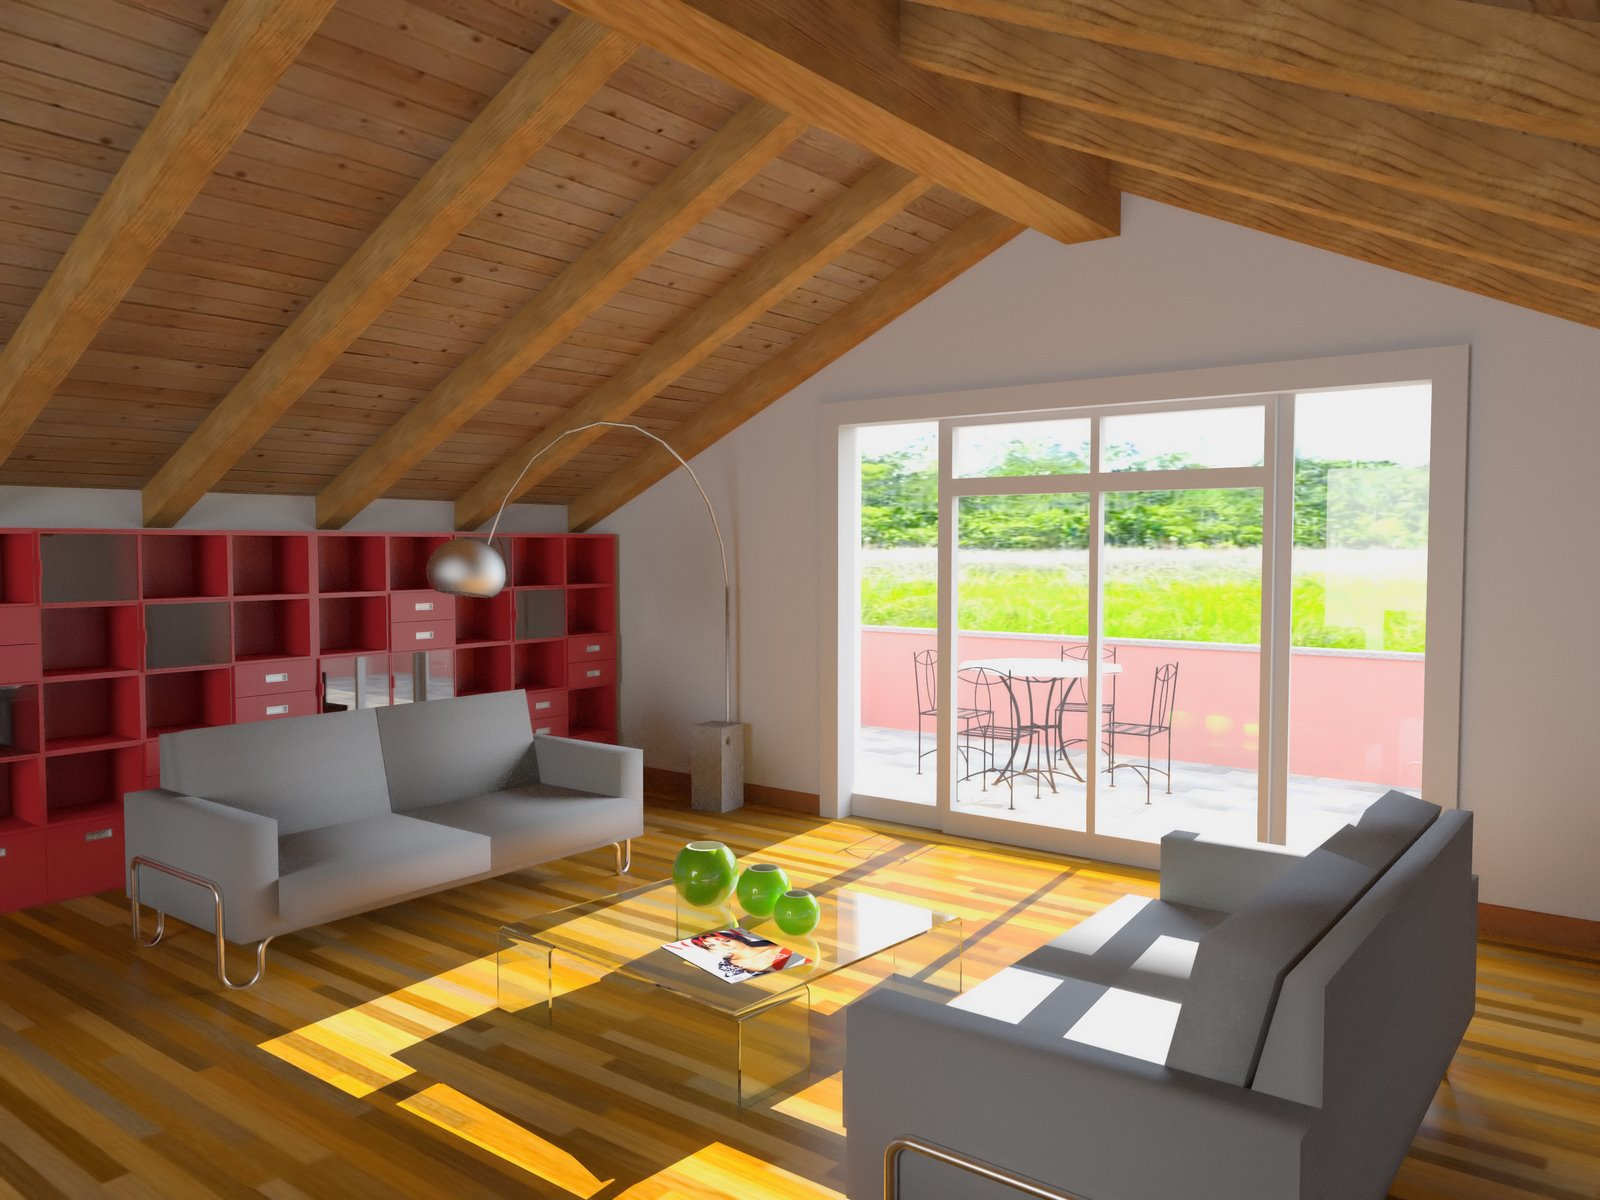 Plafoniere Per Mansarde : Luci per mansarda in legno con travi a vista pavimenti